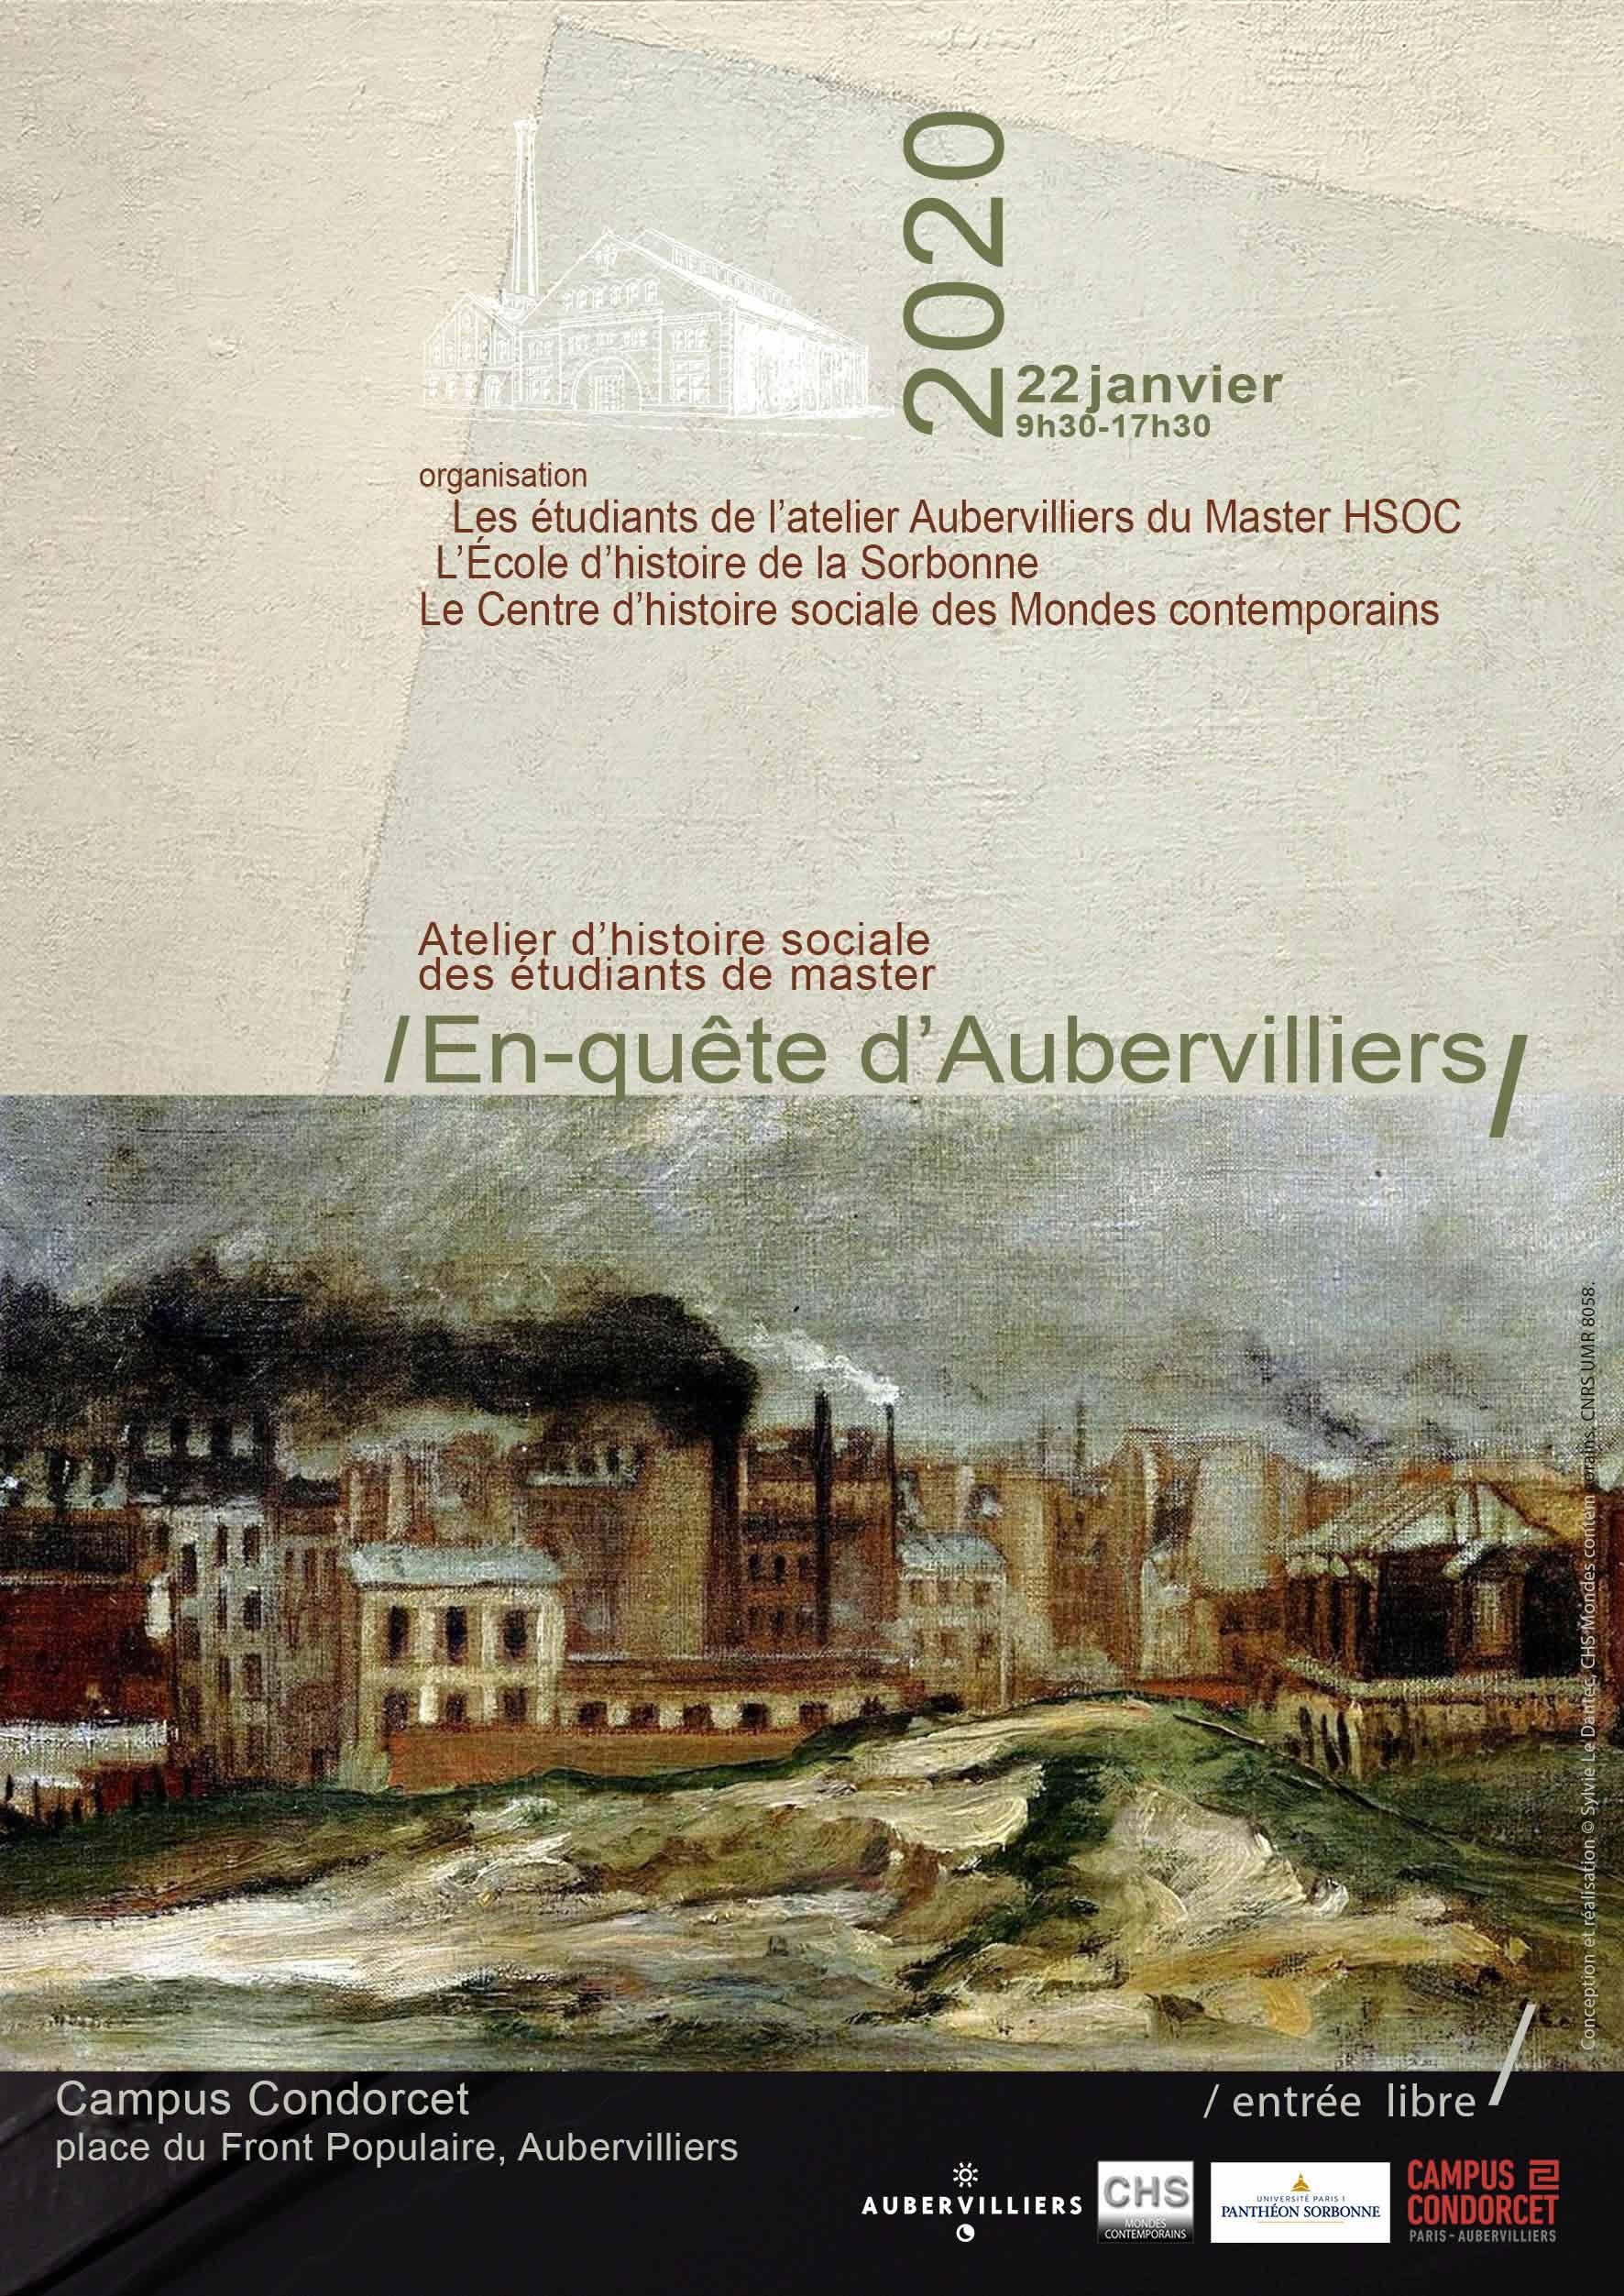 En-quête d'Aubervilliers atelier d'histoire sociale du master HSOC